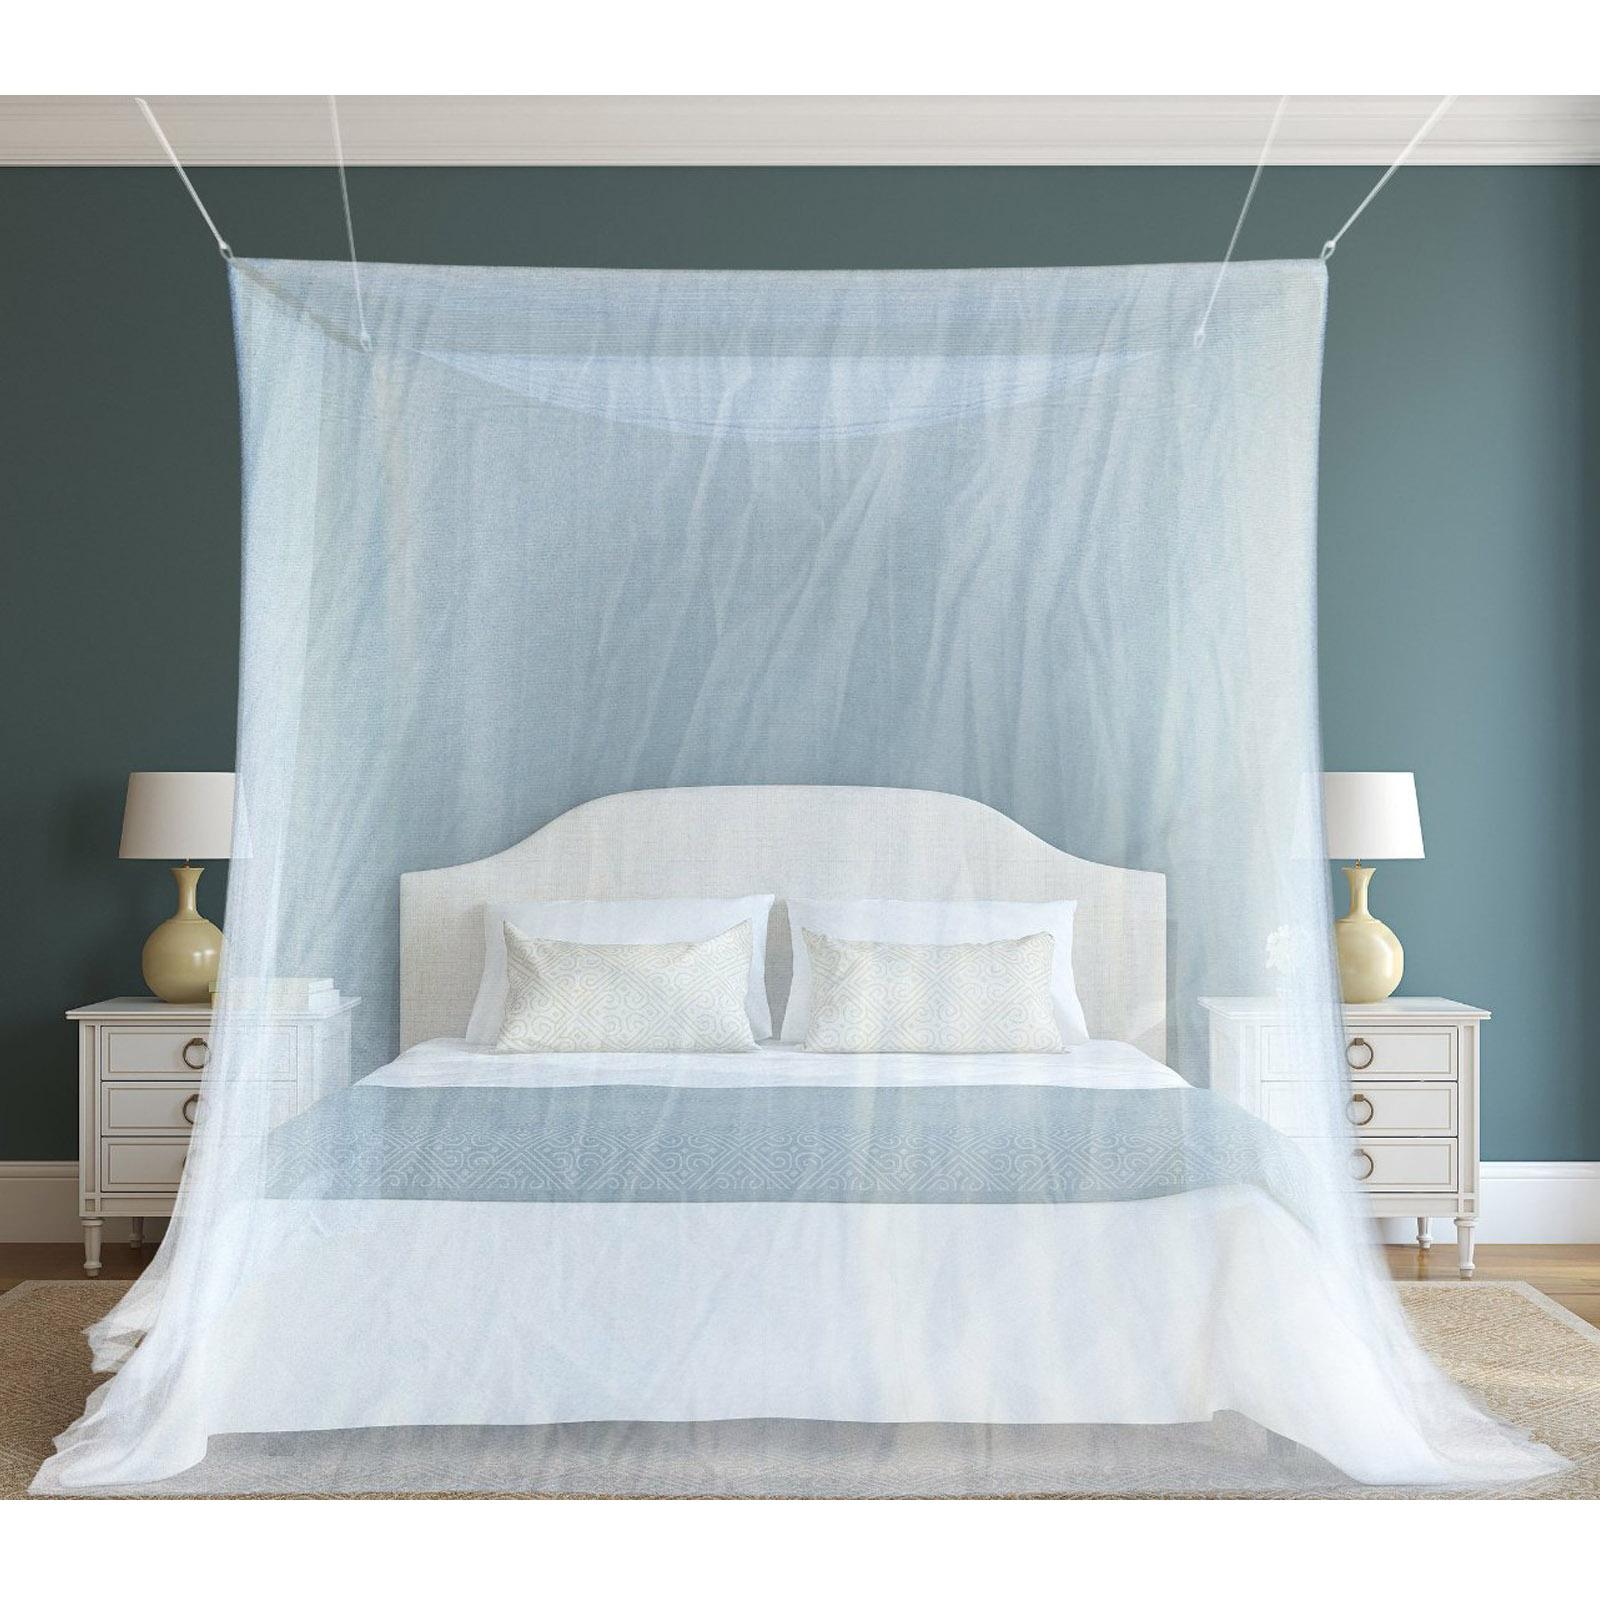 xxl doppelbett moskitonetz fliegengitter fliegennetz betthimmel m ckennetz wei ebay. Black Bedroom Furniture Sets. Home Design Ideas